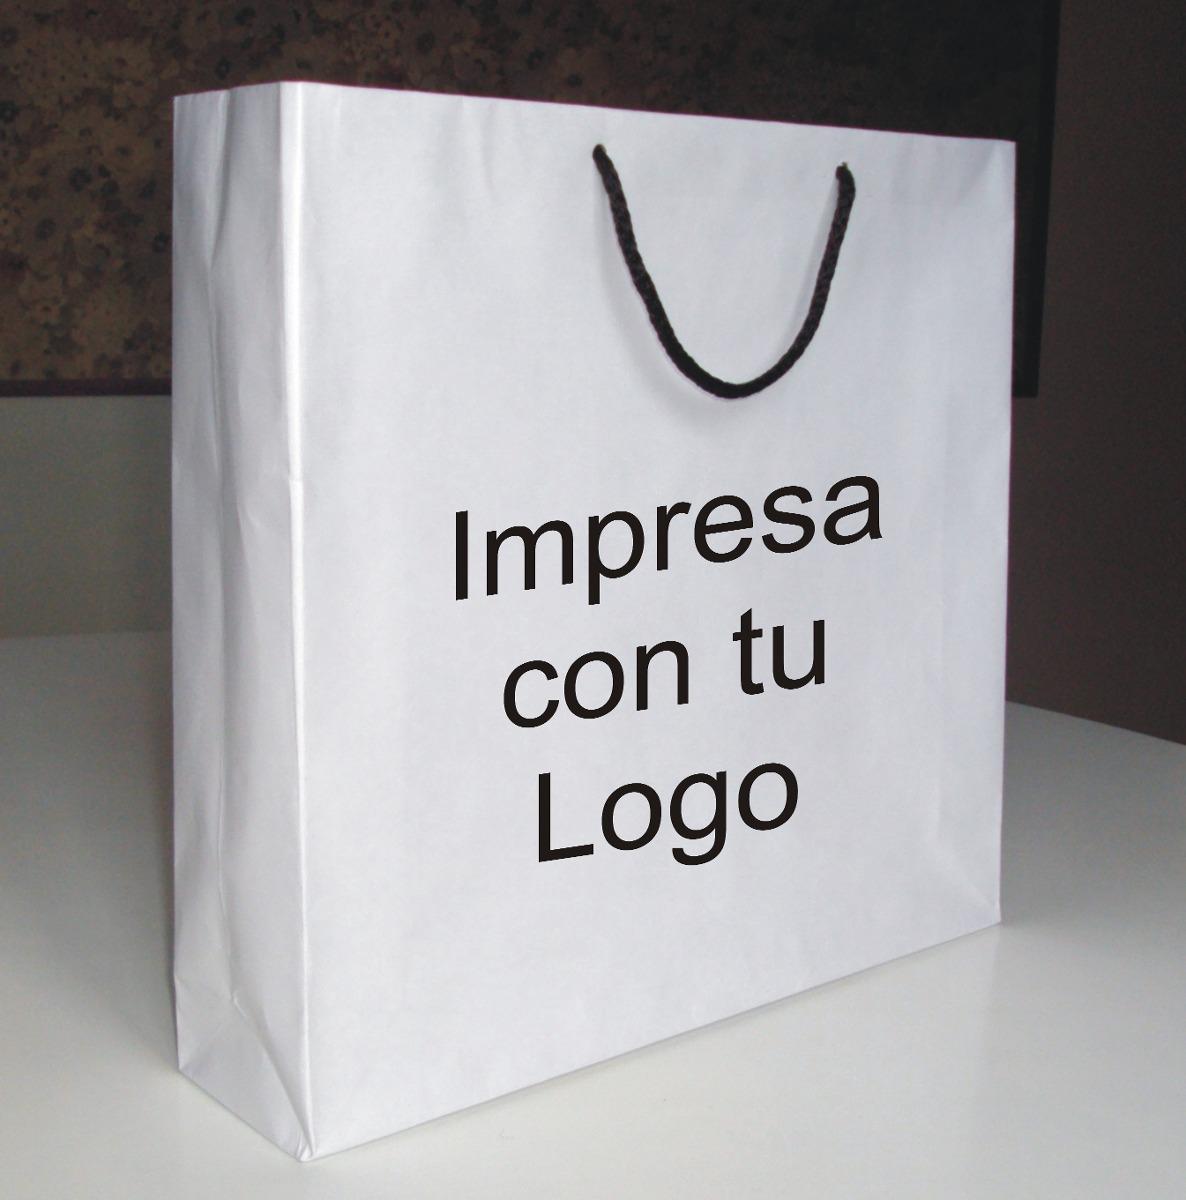 c6837be33 100 Bolsas De Papel Para Boutique - (33 X 31 X 8) - Impresas ...